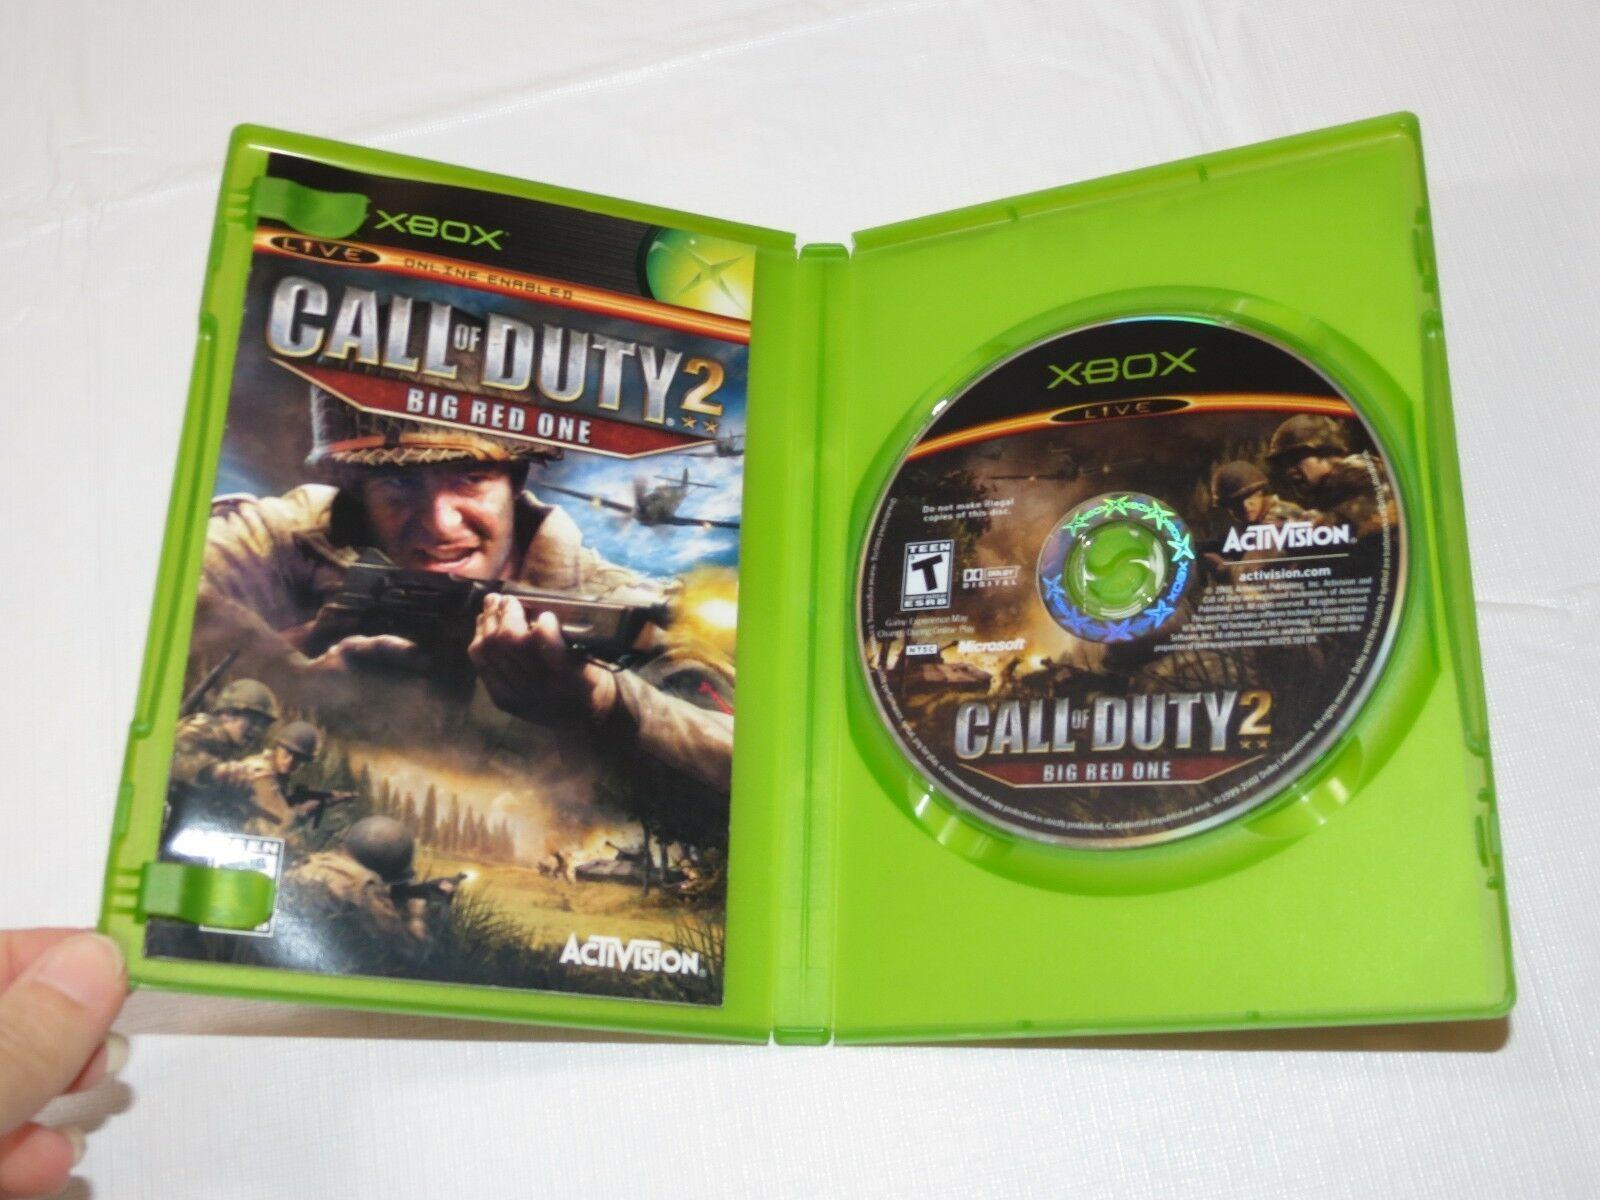 Call Of Duty 2: Grande Rosso uno Microsoft Xbox 2005 T-Teen Sparatutto Usato image 4